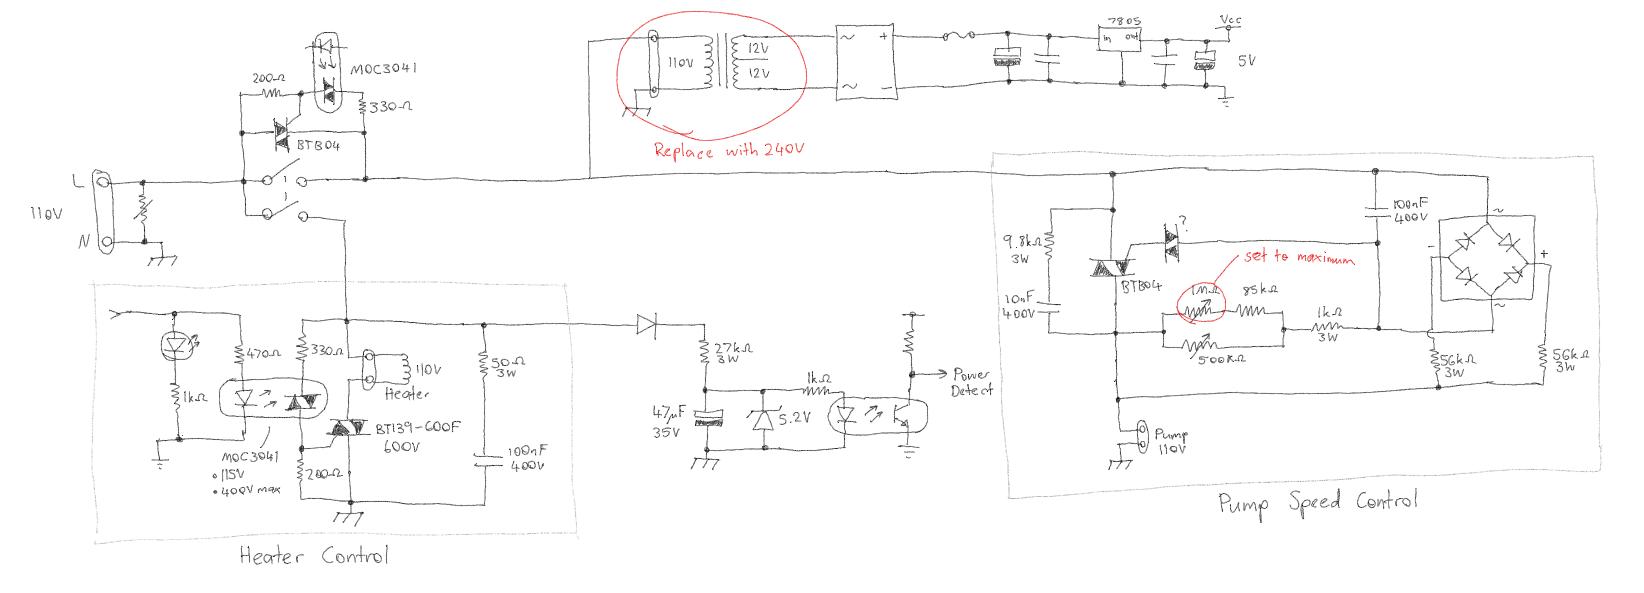 Top Circuits Page 249 Sensitive Envelope Detector Circuit Diagram Hot Air Rework Station